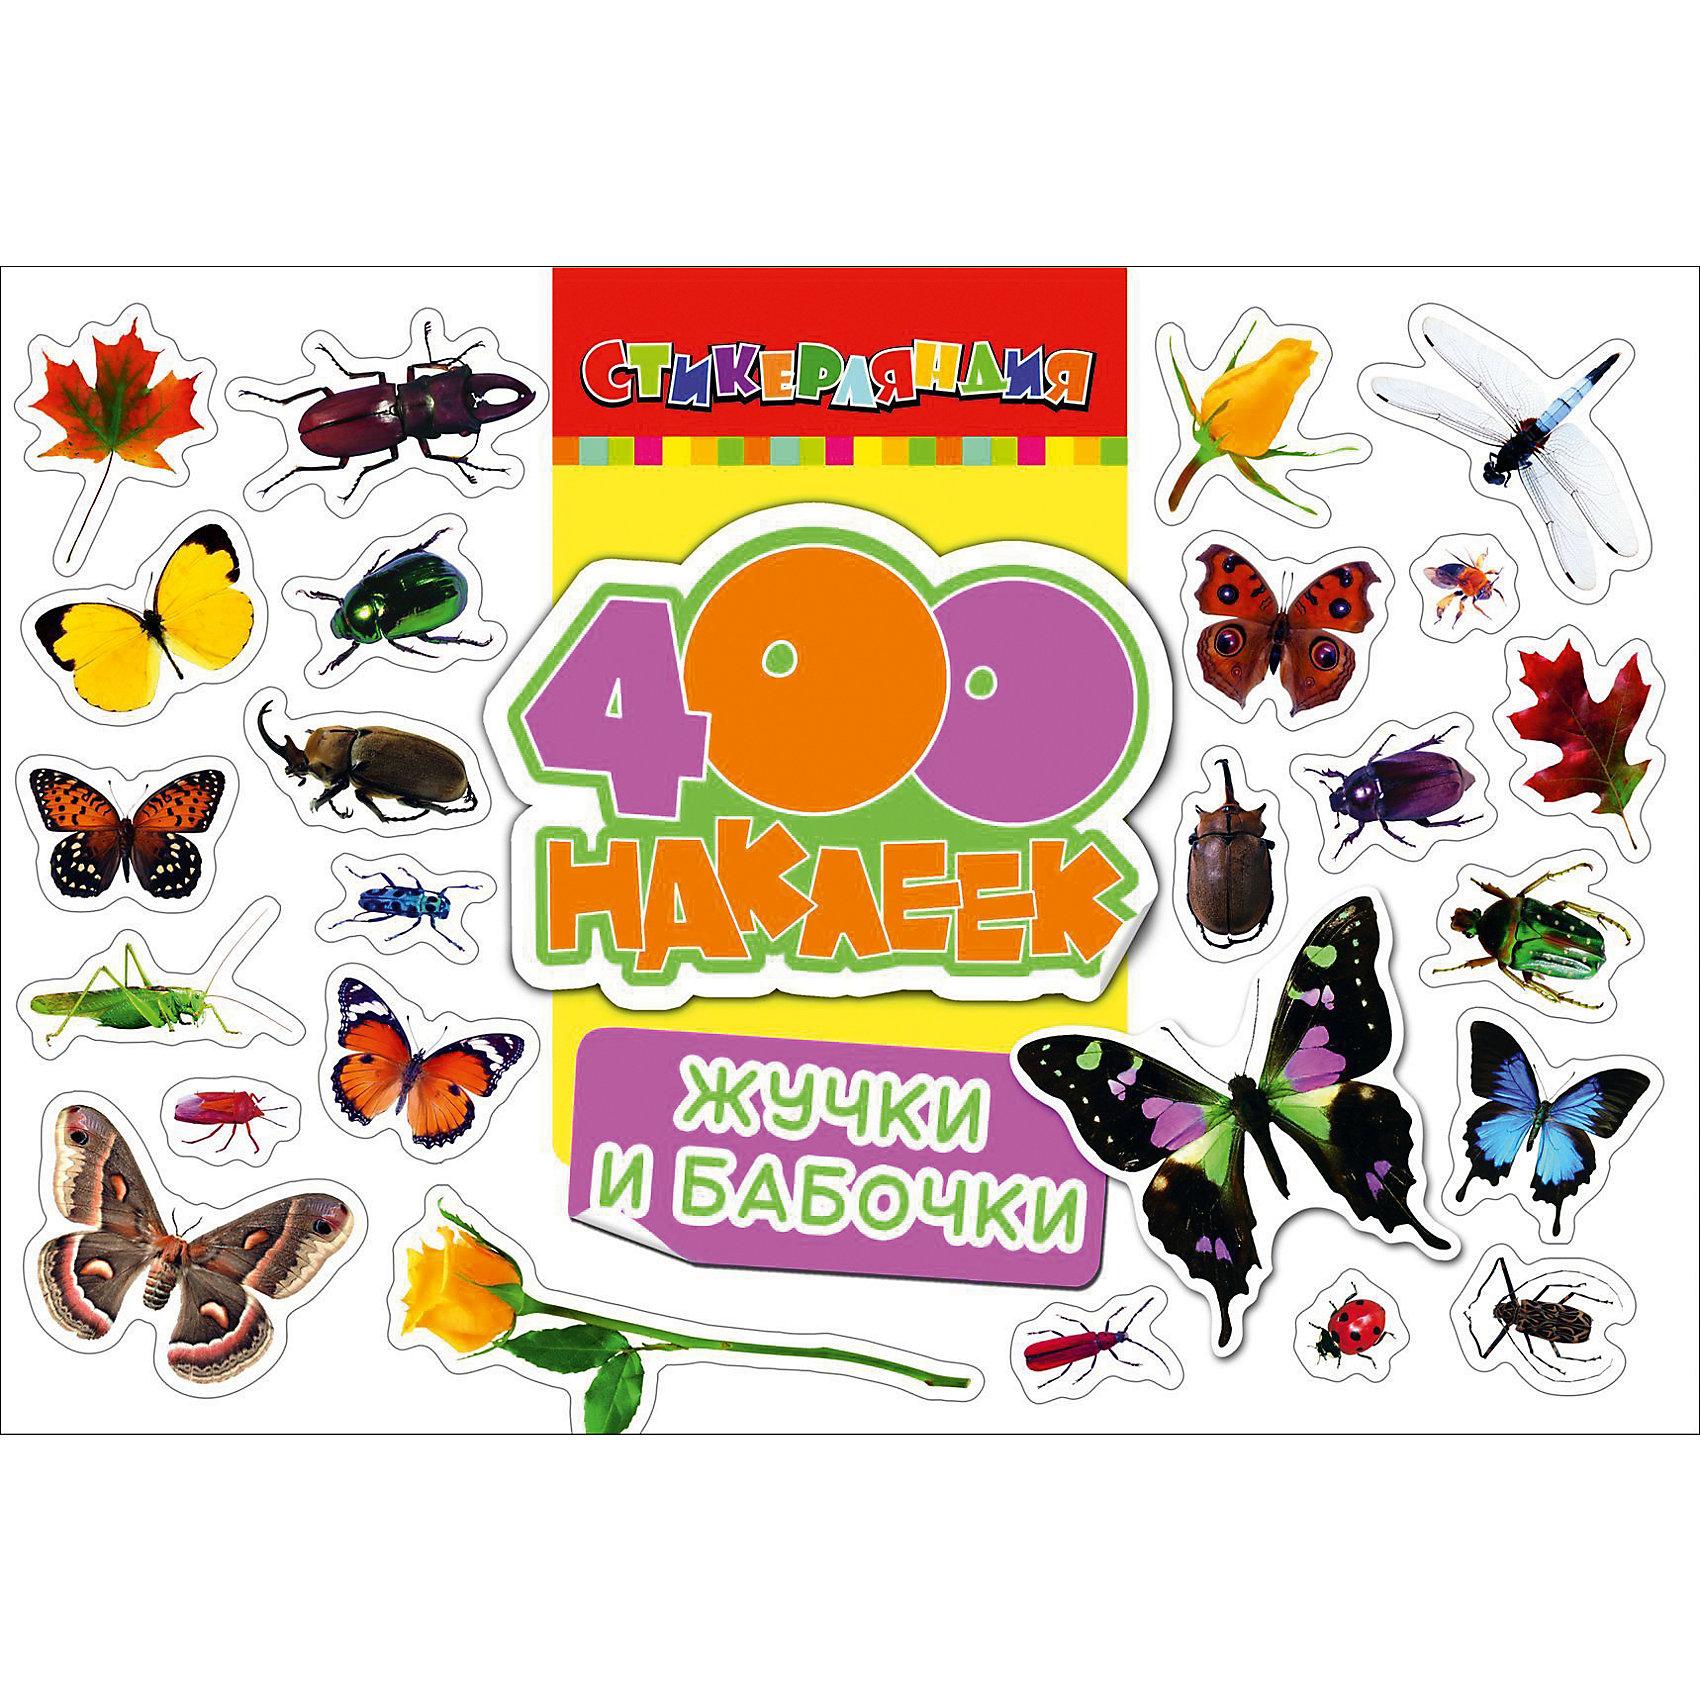 Книга для детей 400 наклеек - Жучки и бабочкиКнижки с наклейками<br>Характеристики 400 наклеек.Жучки и бабочки:<br><br>- возраст: от 5 лет<br>- пол: для мальчиков и девочек<br>- материал : бумага, картон.<br>- количество страниц: 24.<br>- размер: 30 * 20 * 0.3 см.<br>- тип обложки: мягкая.<br>- наличие цветных иллюстраций: да.<br>- масса: 145 гр.<br>- страна обладатель бренда: Россия<br><br>Альбом Жучки и бабочки представляет вниманию 400 наклеек, изображающих жучков и бабочек. В издании имеется множество различных особей этих удивительных насекомых, чьи формы, размеры и расцветка могут поражать воображение. Такими яркими наклейками можно украсить комнату ребенка, придав ей вид настоящего леса или луга, на котором живут эти маленькие обитатели. Стоит отметить, что на каждой странице малыш сможет увидеть короткую заметку, в которой содержится много интересного о том или ином насекомом.<br><br>Альбом Жучки и бабочки издательства Росмэн можно купить в нашем интернет-магазине.<br><br>Ширина мм: 300<br>Глубина мм: 200<br>Высота мм: 3<br>Вес г: 145<br>Возраст от месяцев: 60<br>Возраст до месяцев: 84<br>Пол: Унисекс<br>Возраст: Детский<br>SKU: 5109772